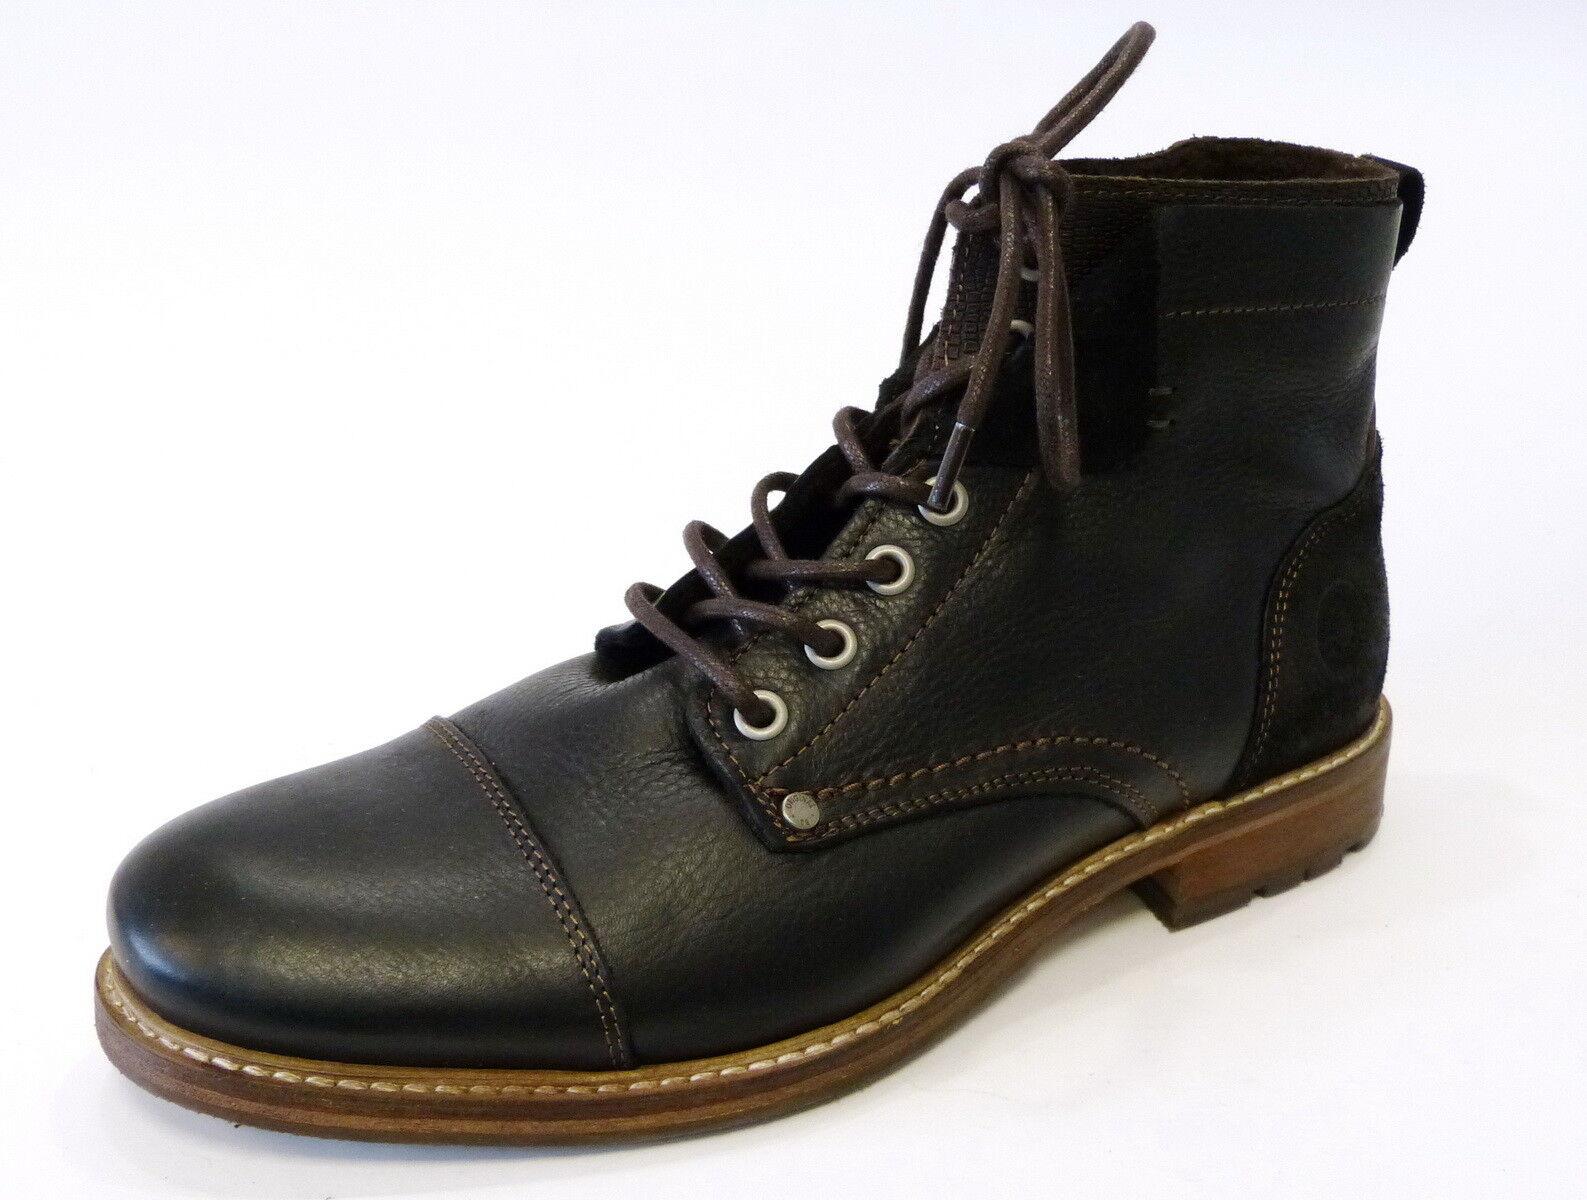 Bullboxer Trend Boot Stiefel schwarz braun Leder 565-K5-5807A-bkdb